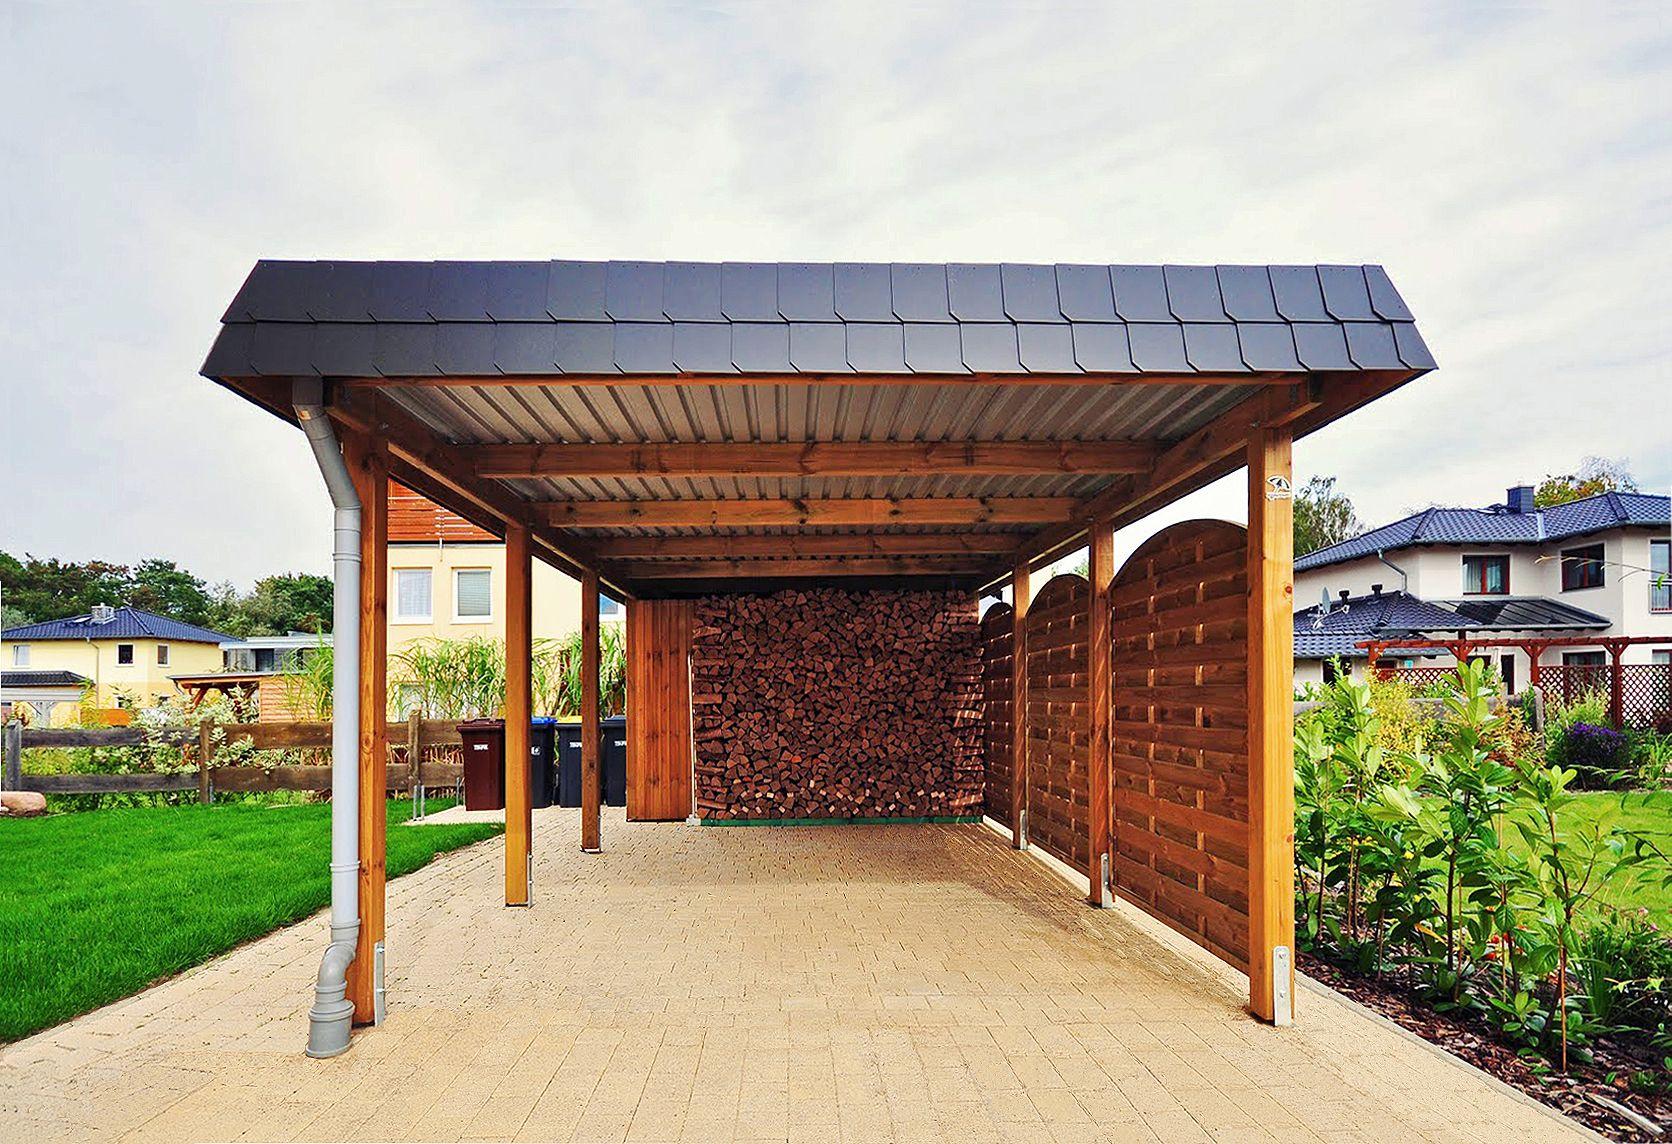 Holzcarport Mit Schindelblende Und Gerateraum Eine Seite Mit Sichtschutzelementen Verkleidet Carport Holz Carport Flachdach